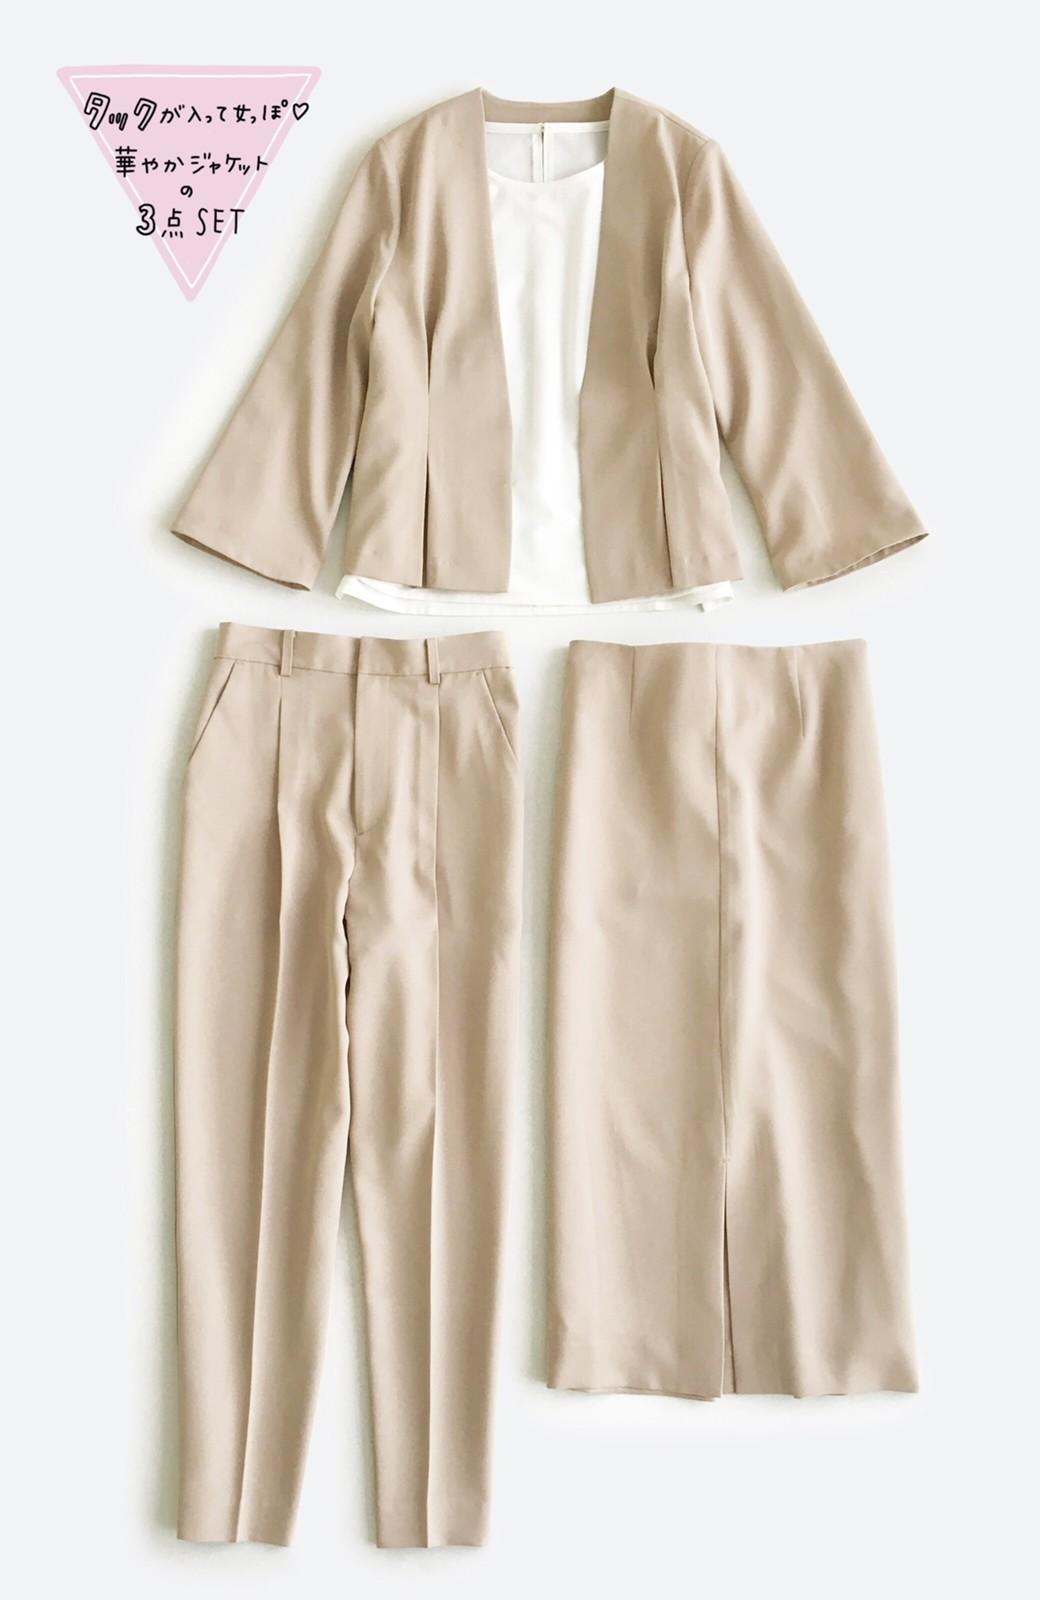 haco! 【華やか】これさえあればきちんとシーンも地味すぎない! 大人の華やかジャケット・パンツ・スカート3点セット <ベージュ>の商品写真1